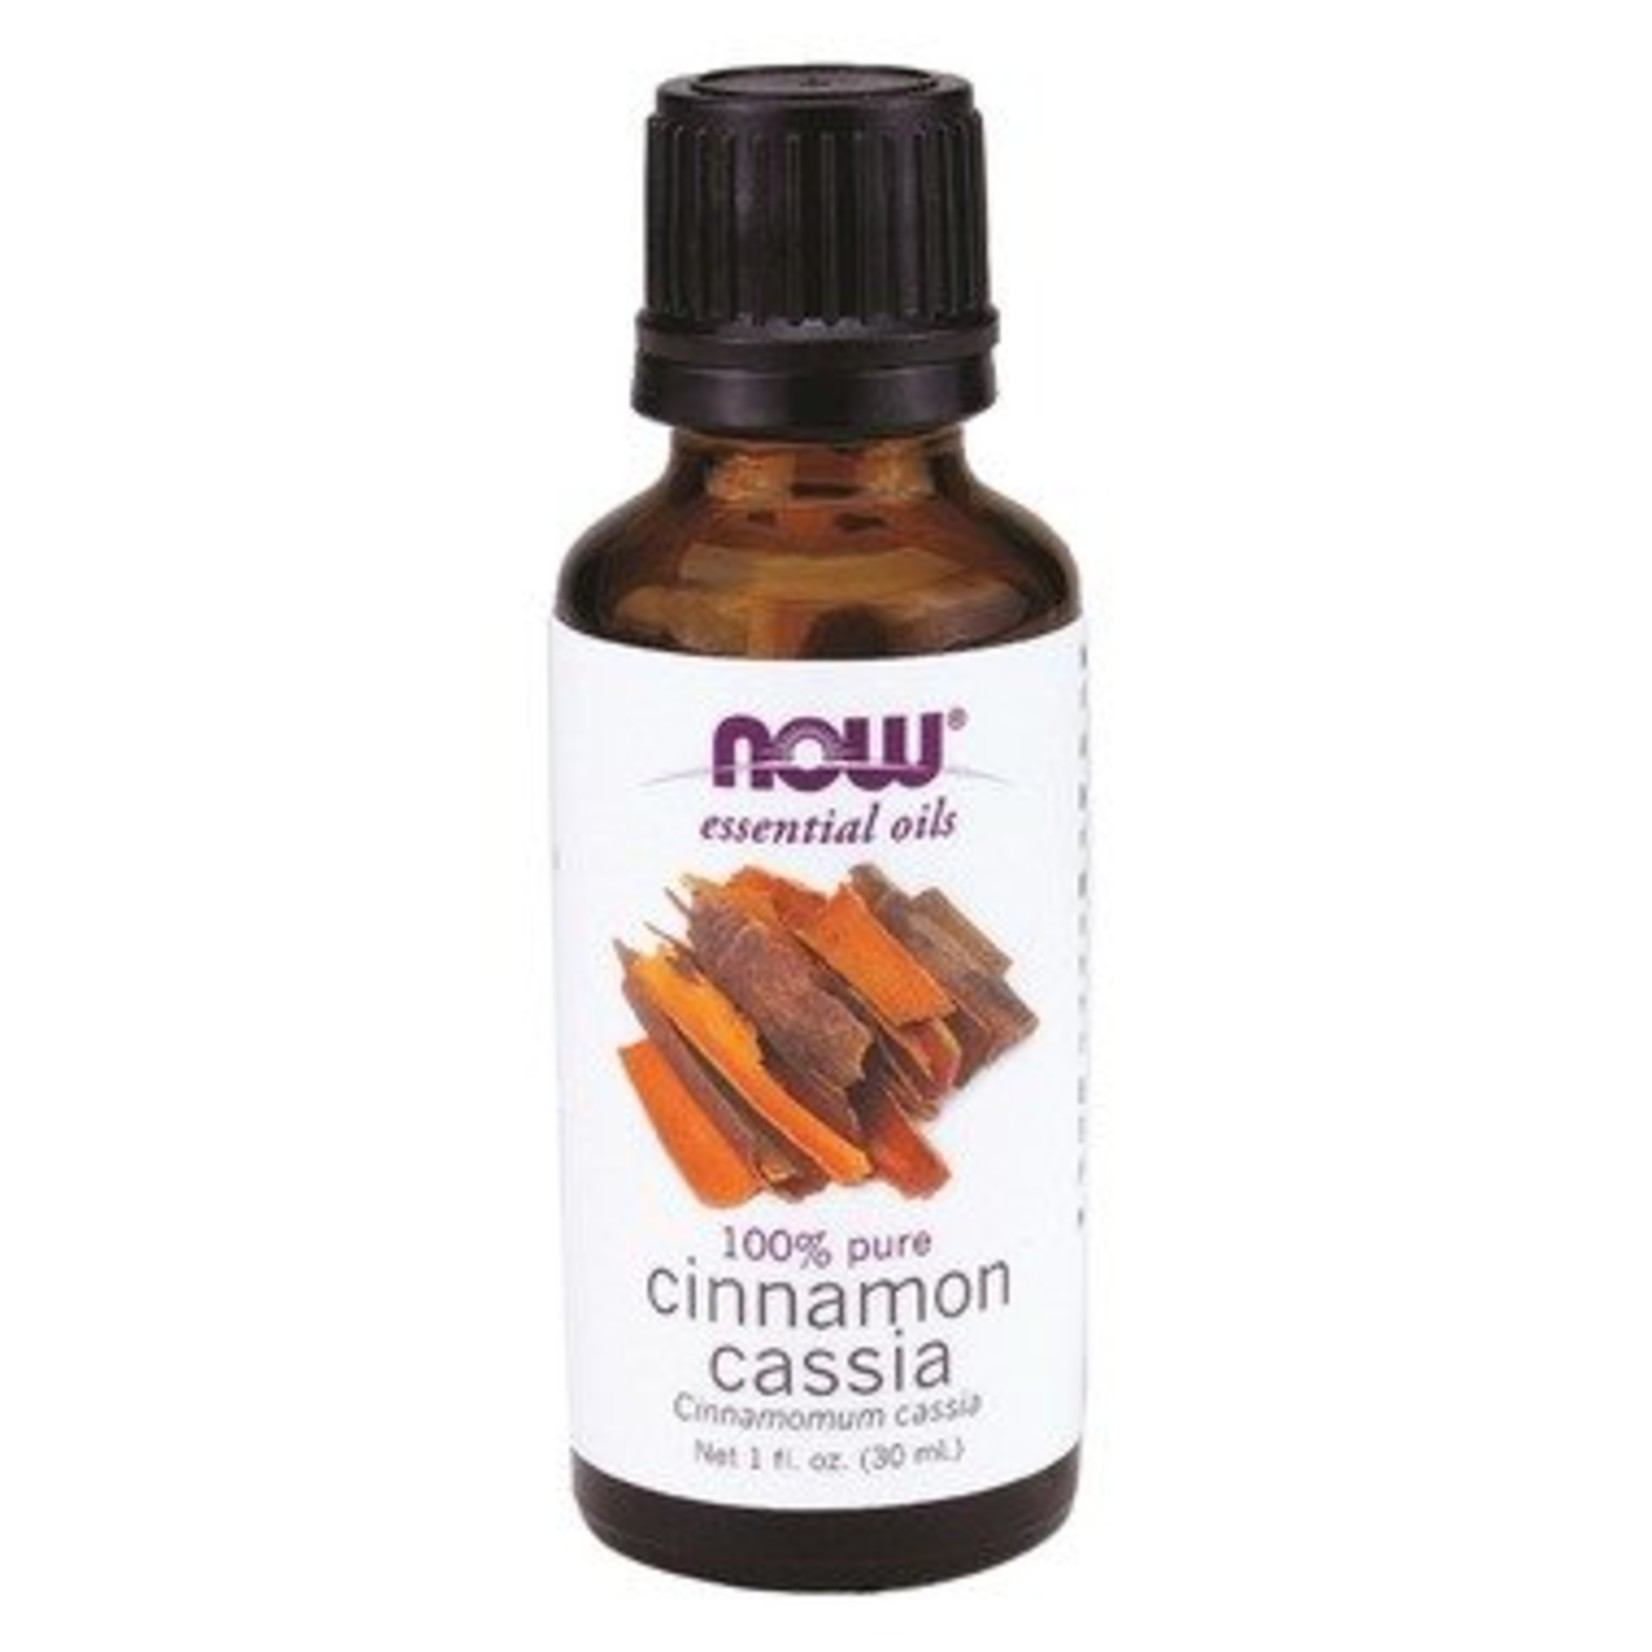 NOW NOW Cinnamon Cassia 30ml